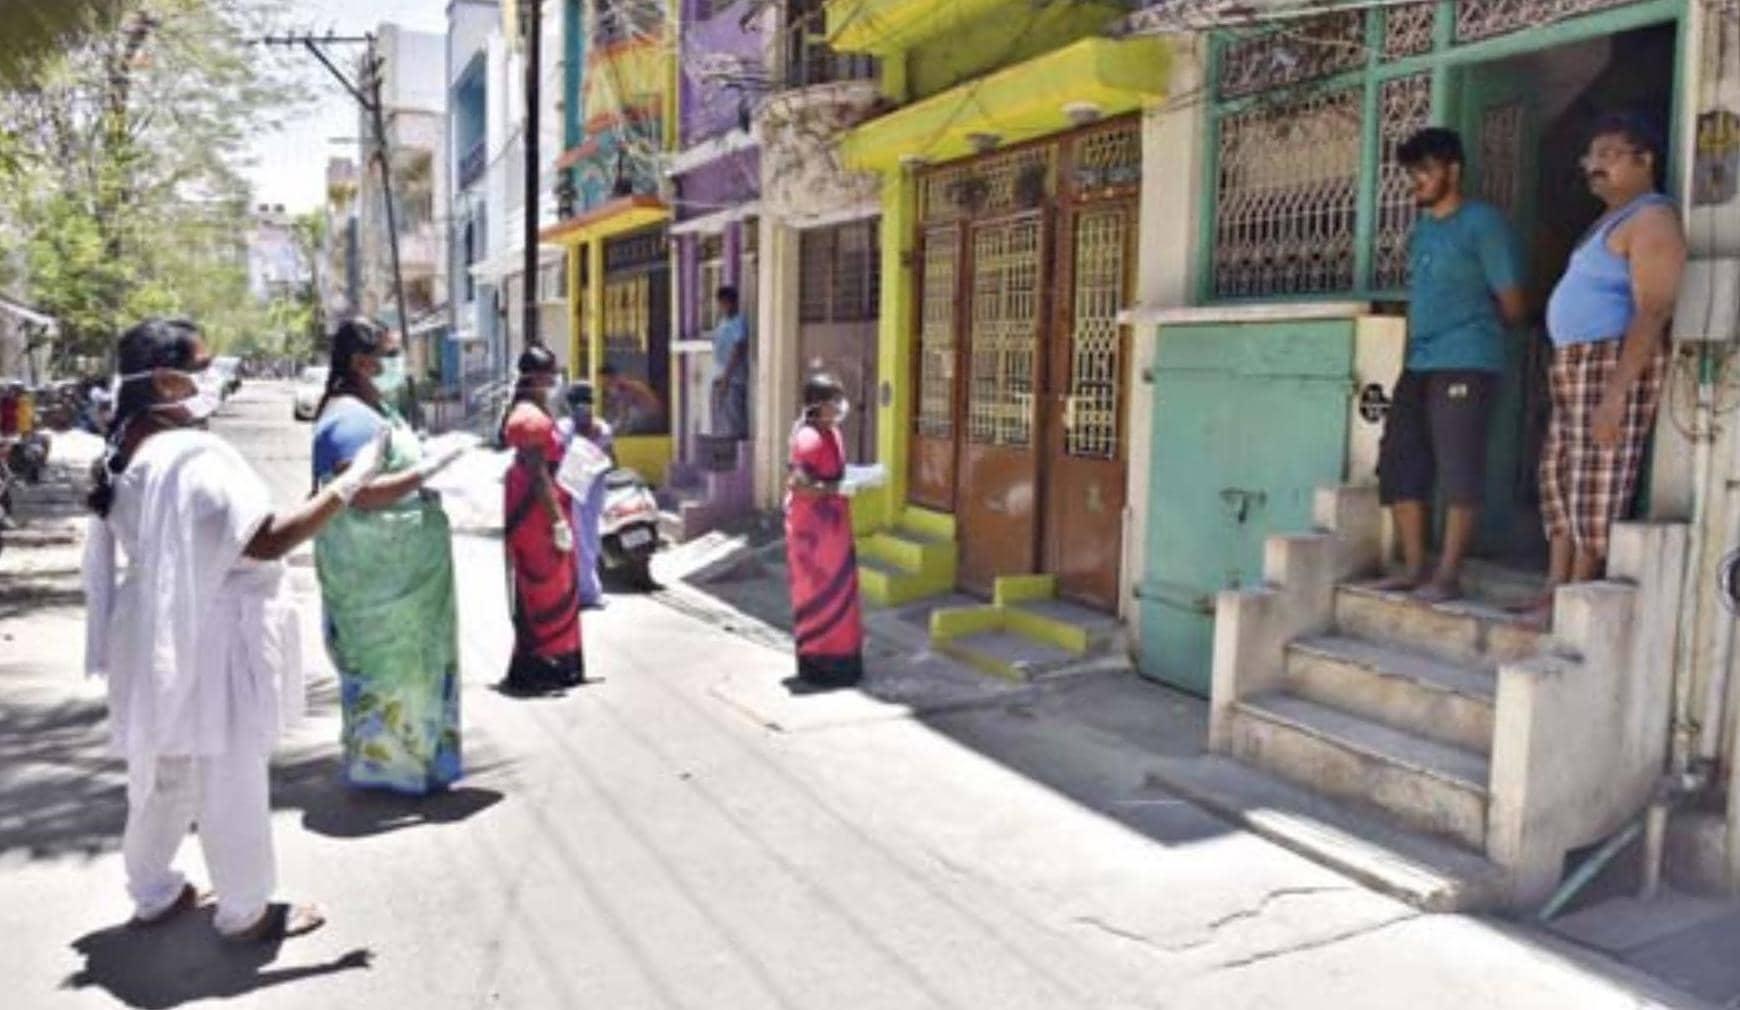 கரோனா வைரஸ் பாதிப்பு குறித்து சேலத்தில் 25,000 வீடுகளில் பரிசோதனை